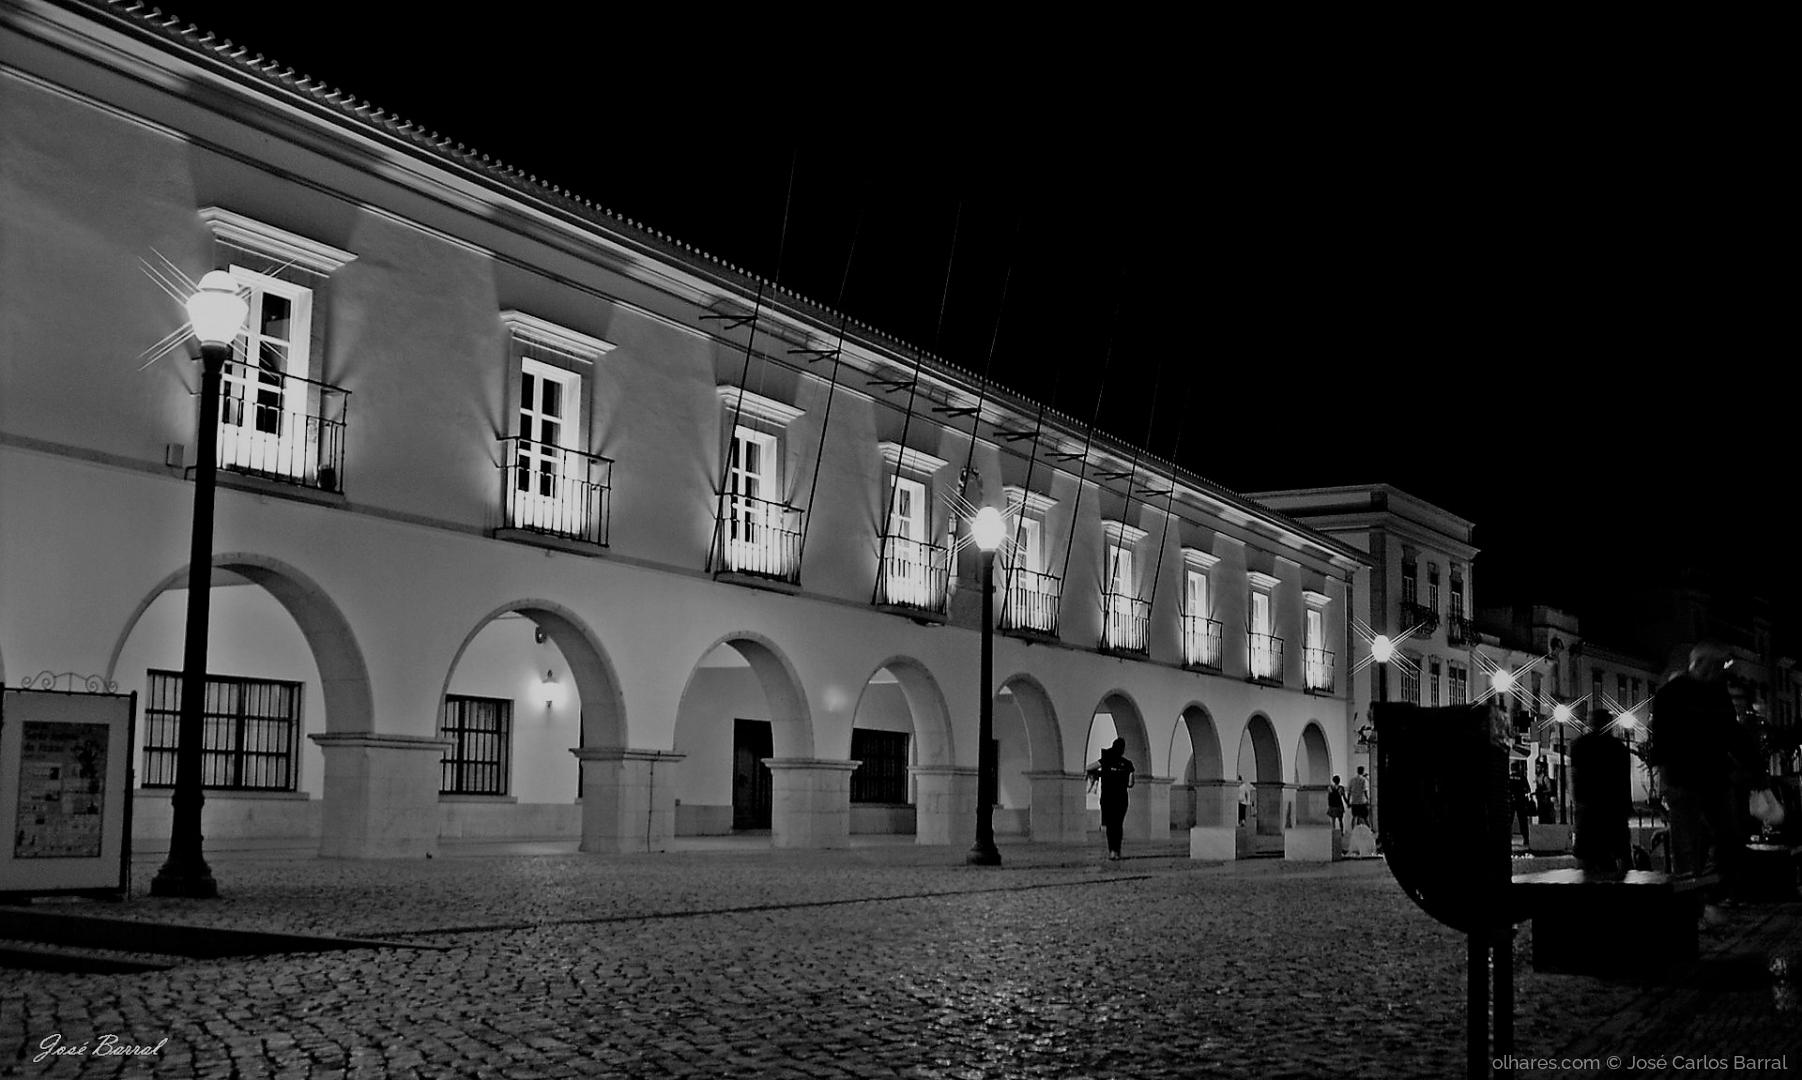 Arquitetura/TAVIRA NIGHTS I